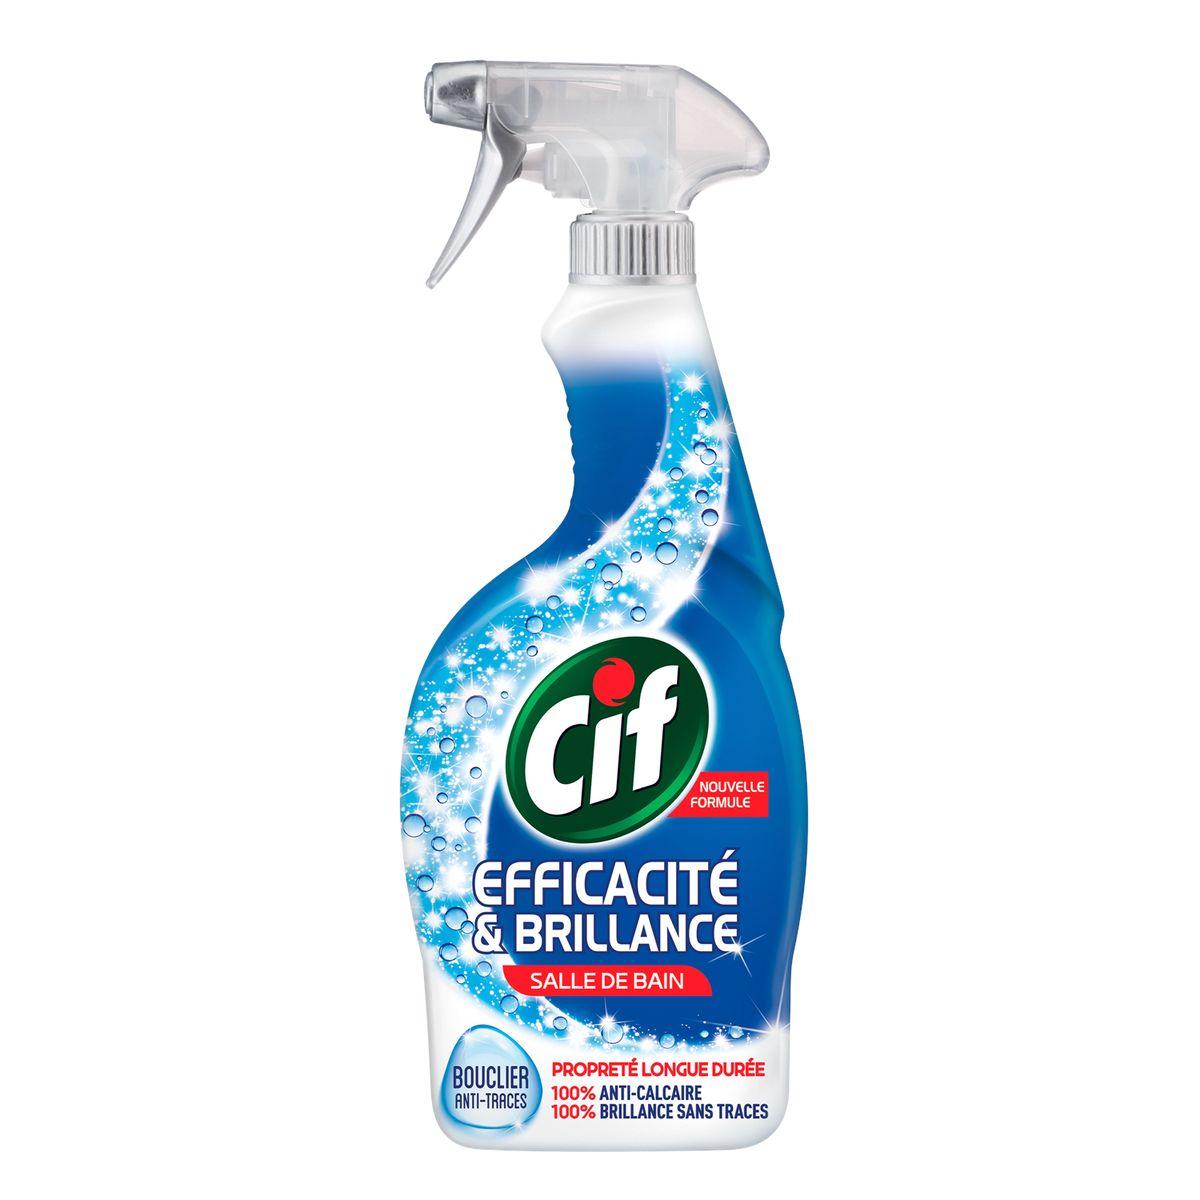 Livraison à domicile Promotion Cif Spray nettoyant Salle de bain, 20ml